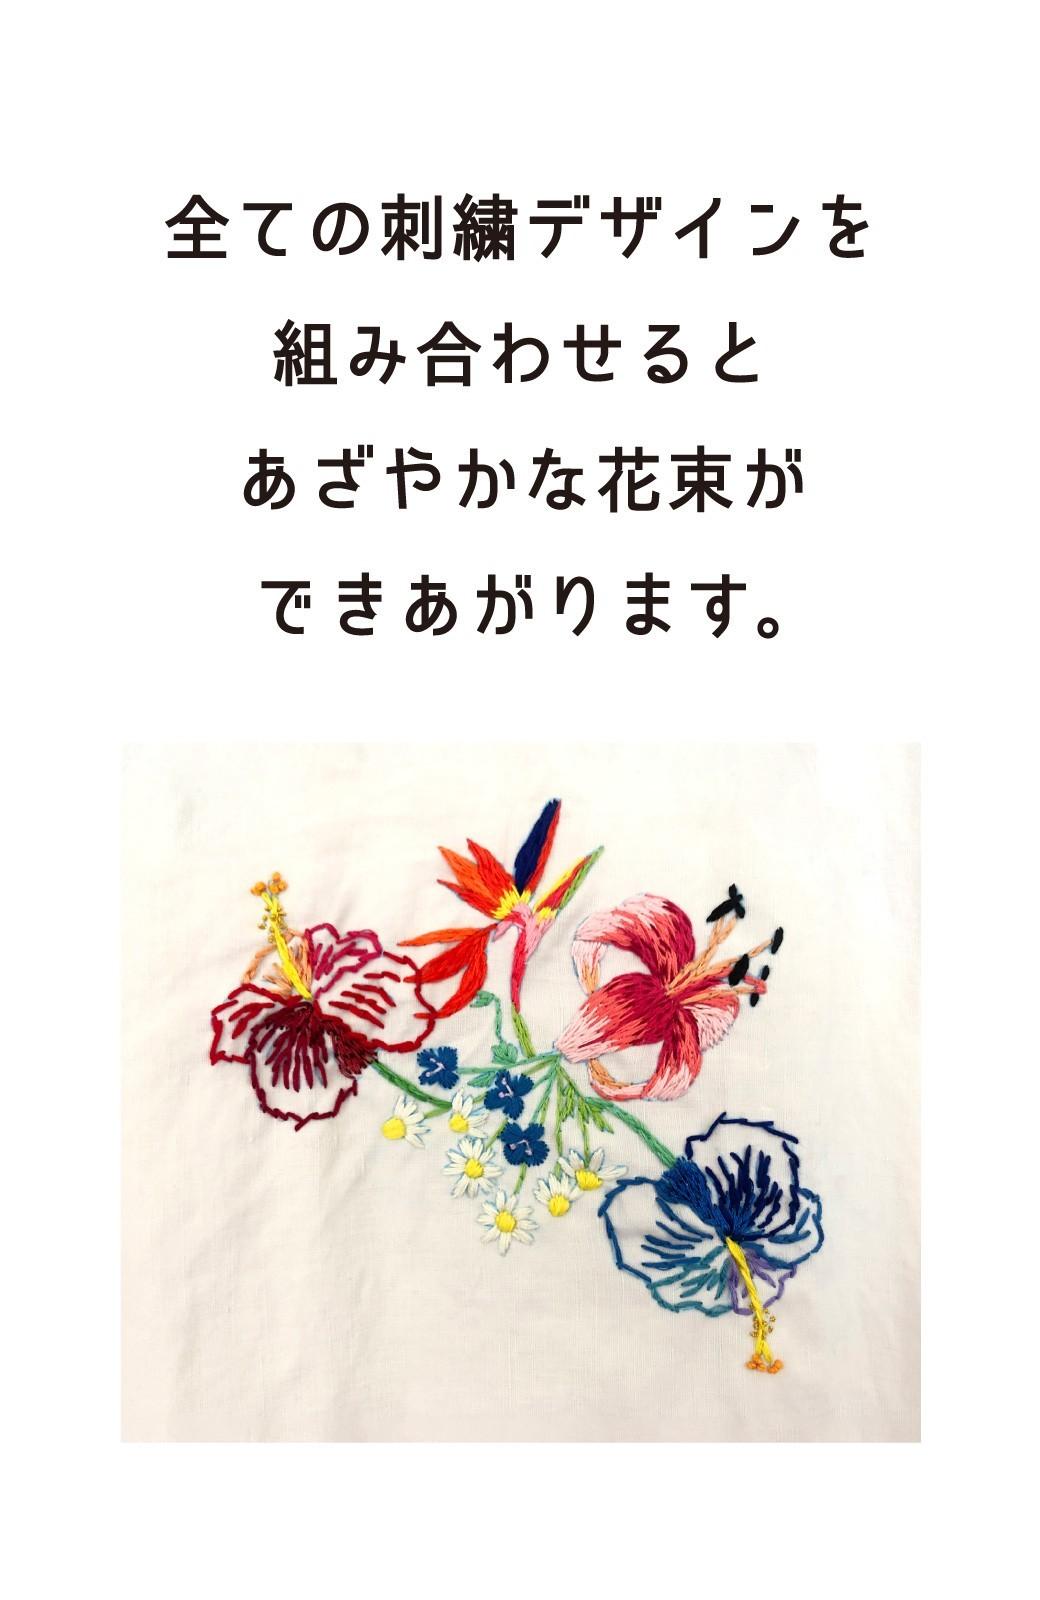 haco! haco! [haco! POST] 刺繍アーティスト二宮佐和子さんとみんなでワイワイ刺繍!zoom縫いワークショップ参加チケット 7/5・7/8開催<unique> <その他>の商品写真9